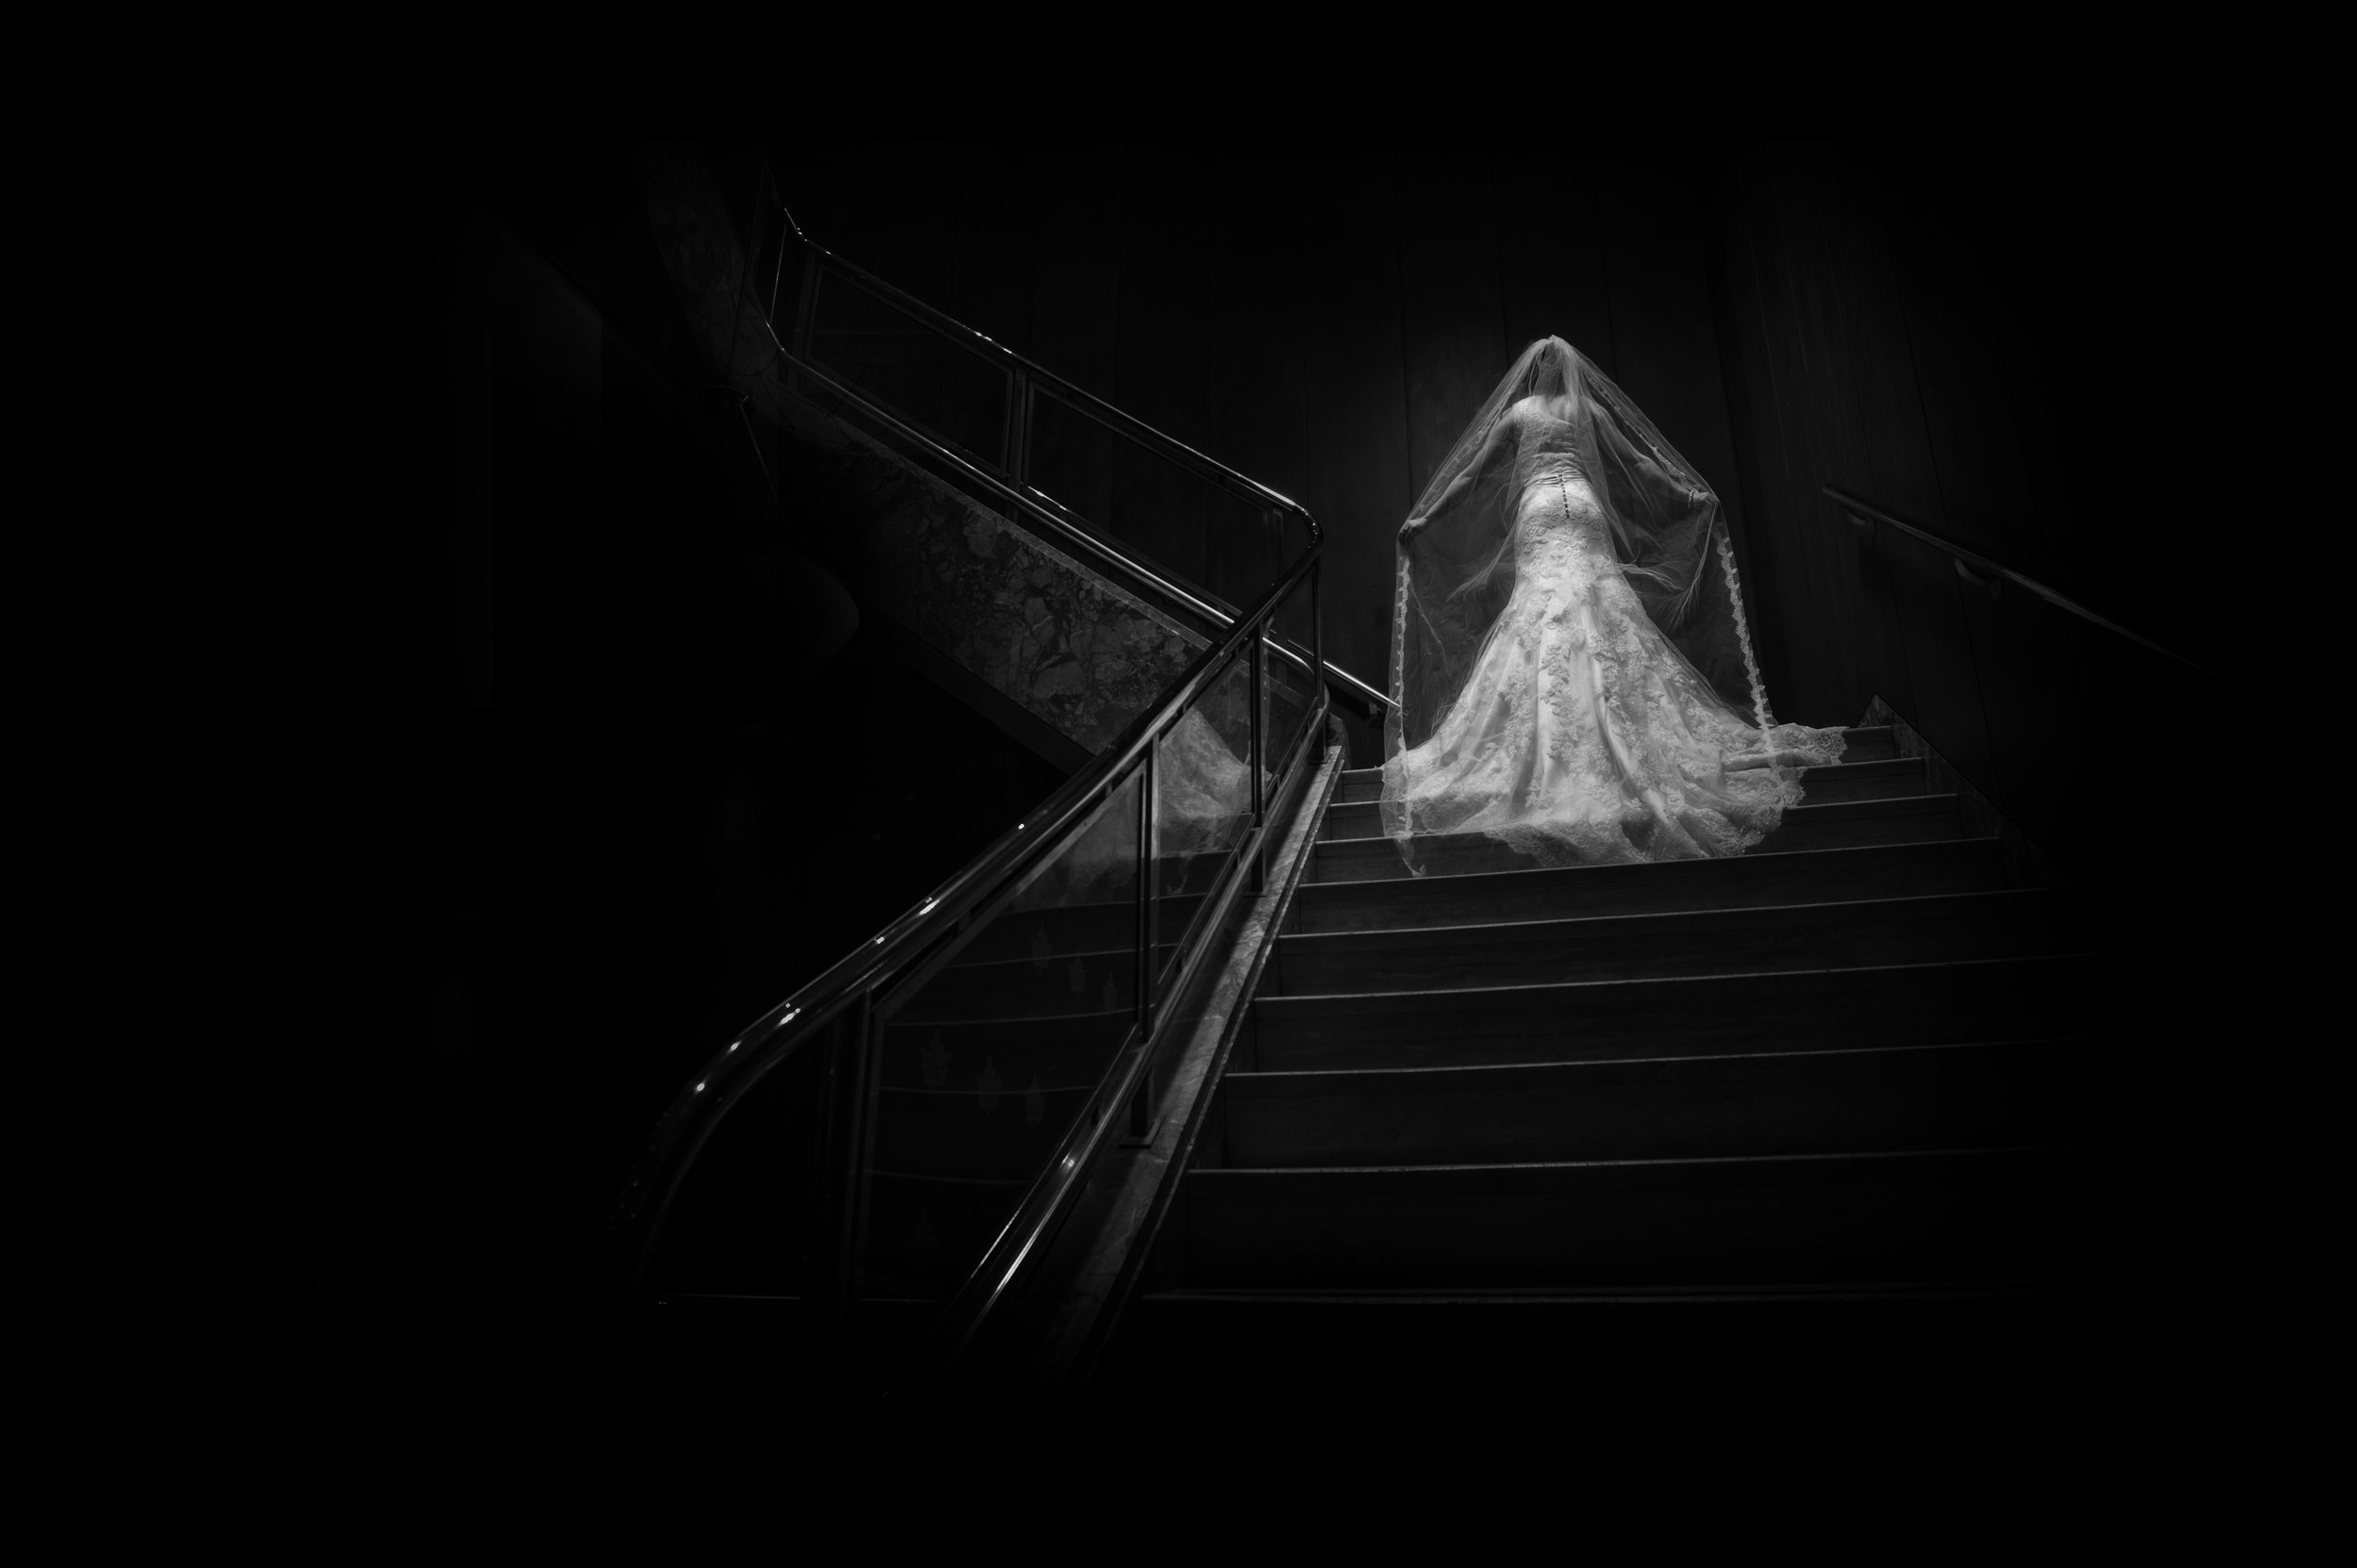 westin-stairs-bride.JPG